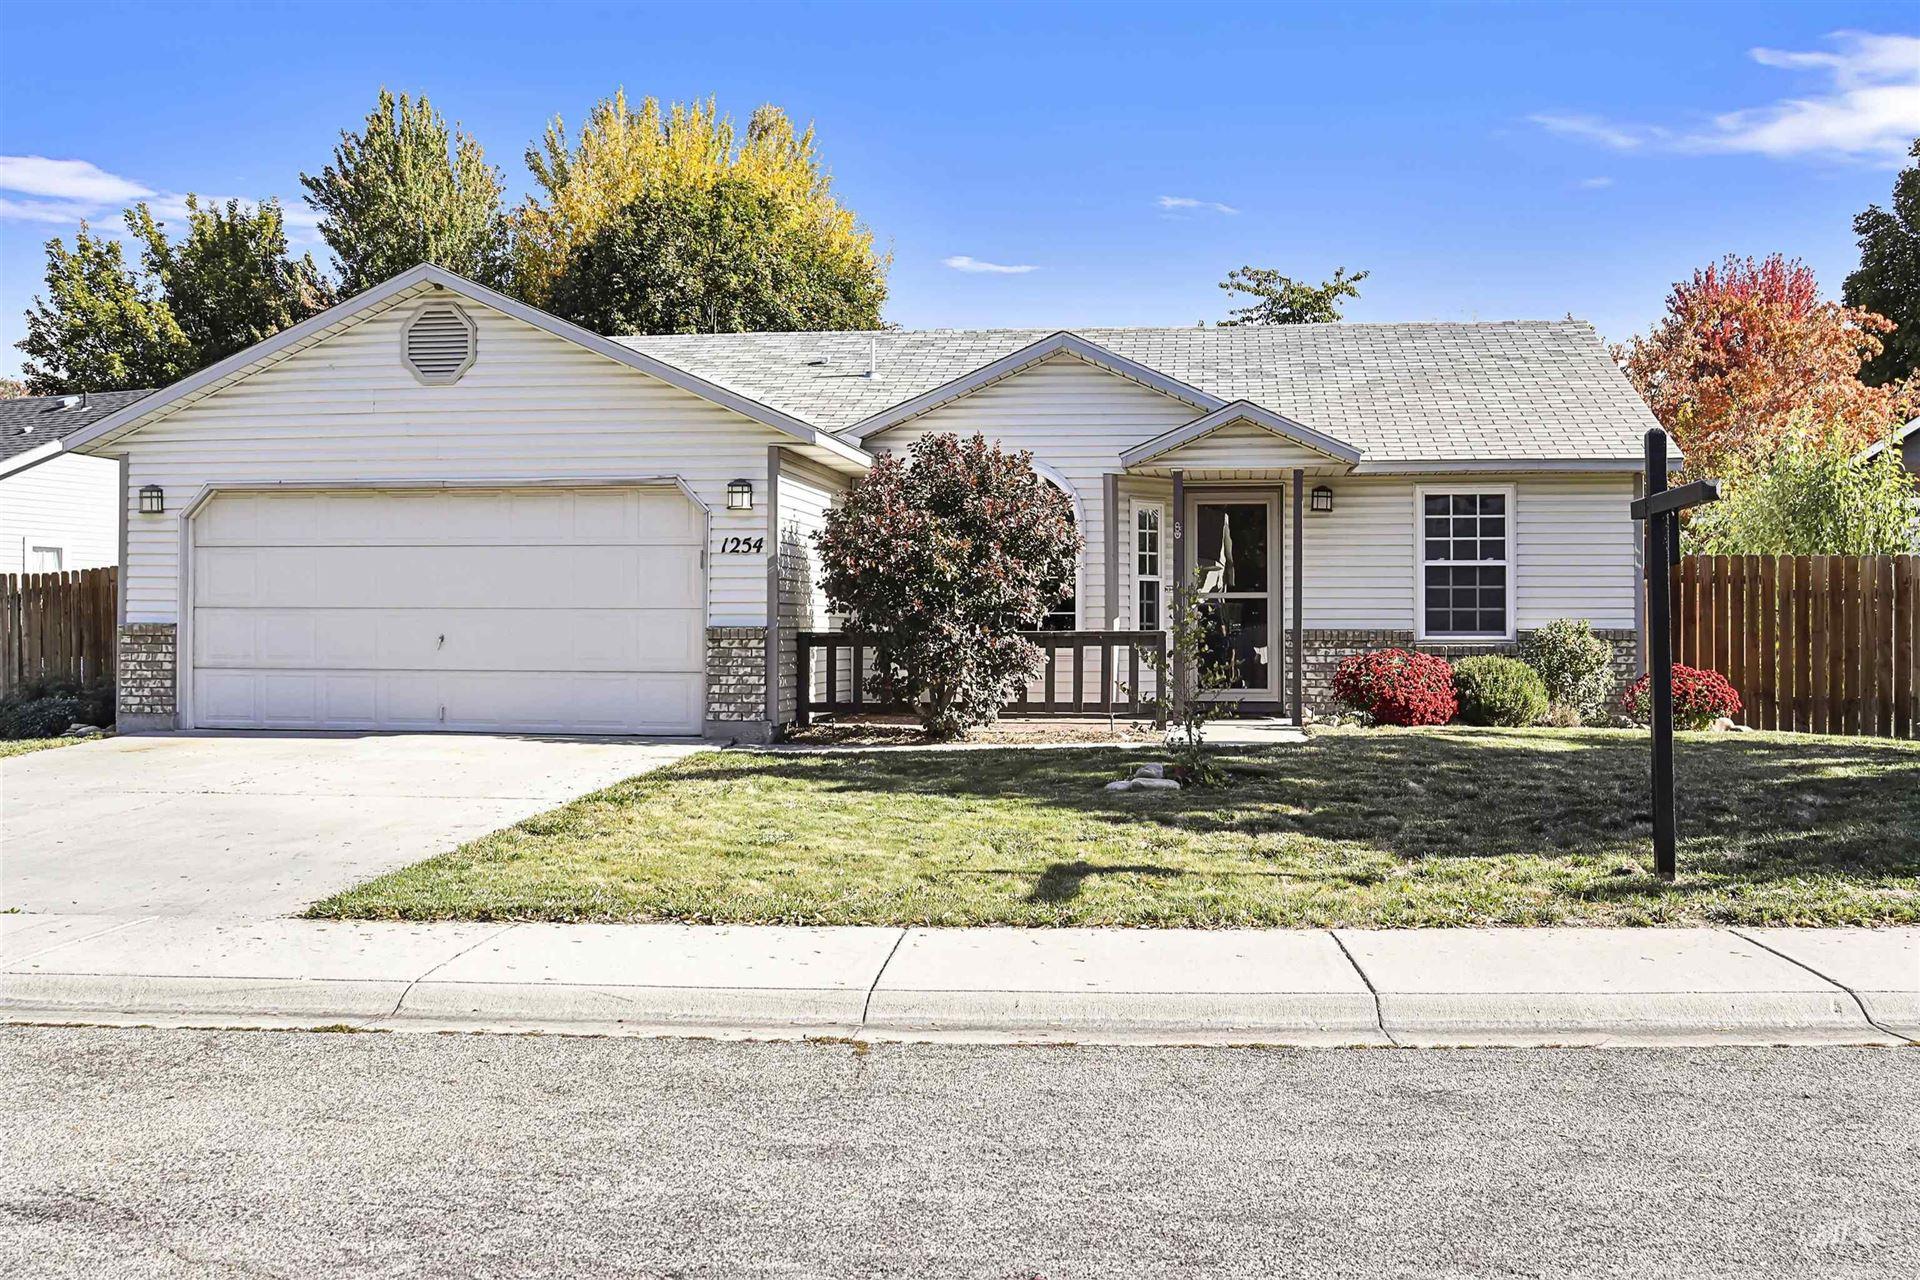 1254 E Oakridge Dr, Boise, ID 83716-6600 - MLS#: 98821060